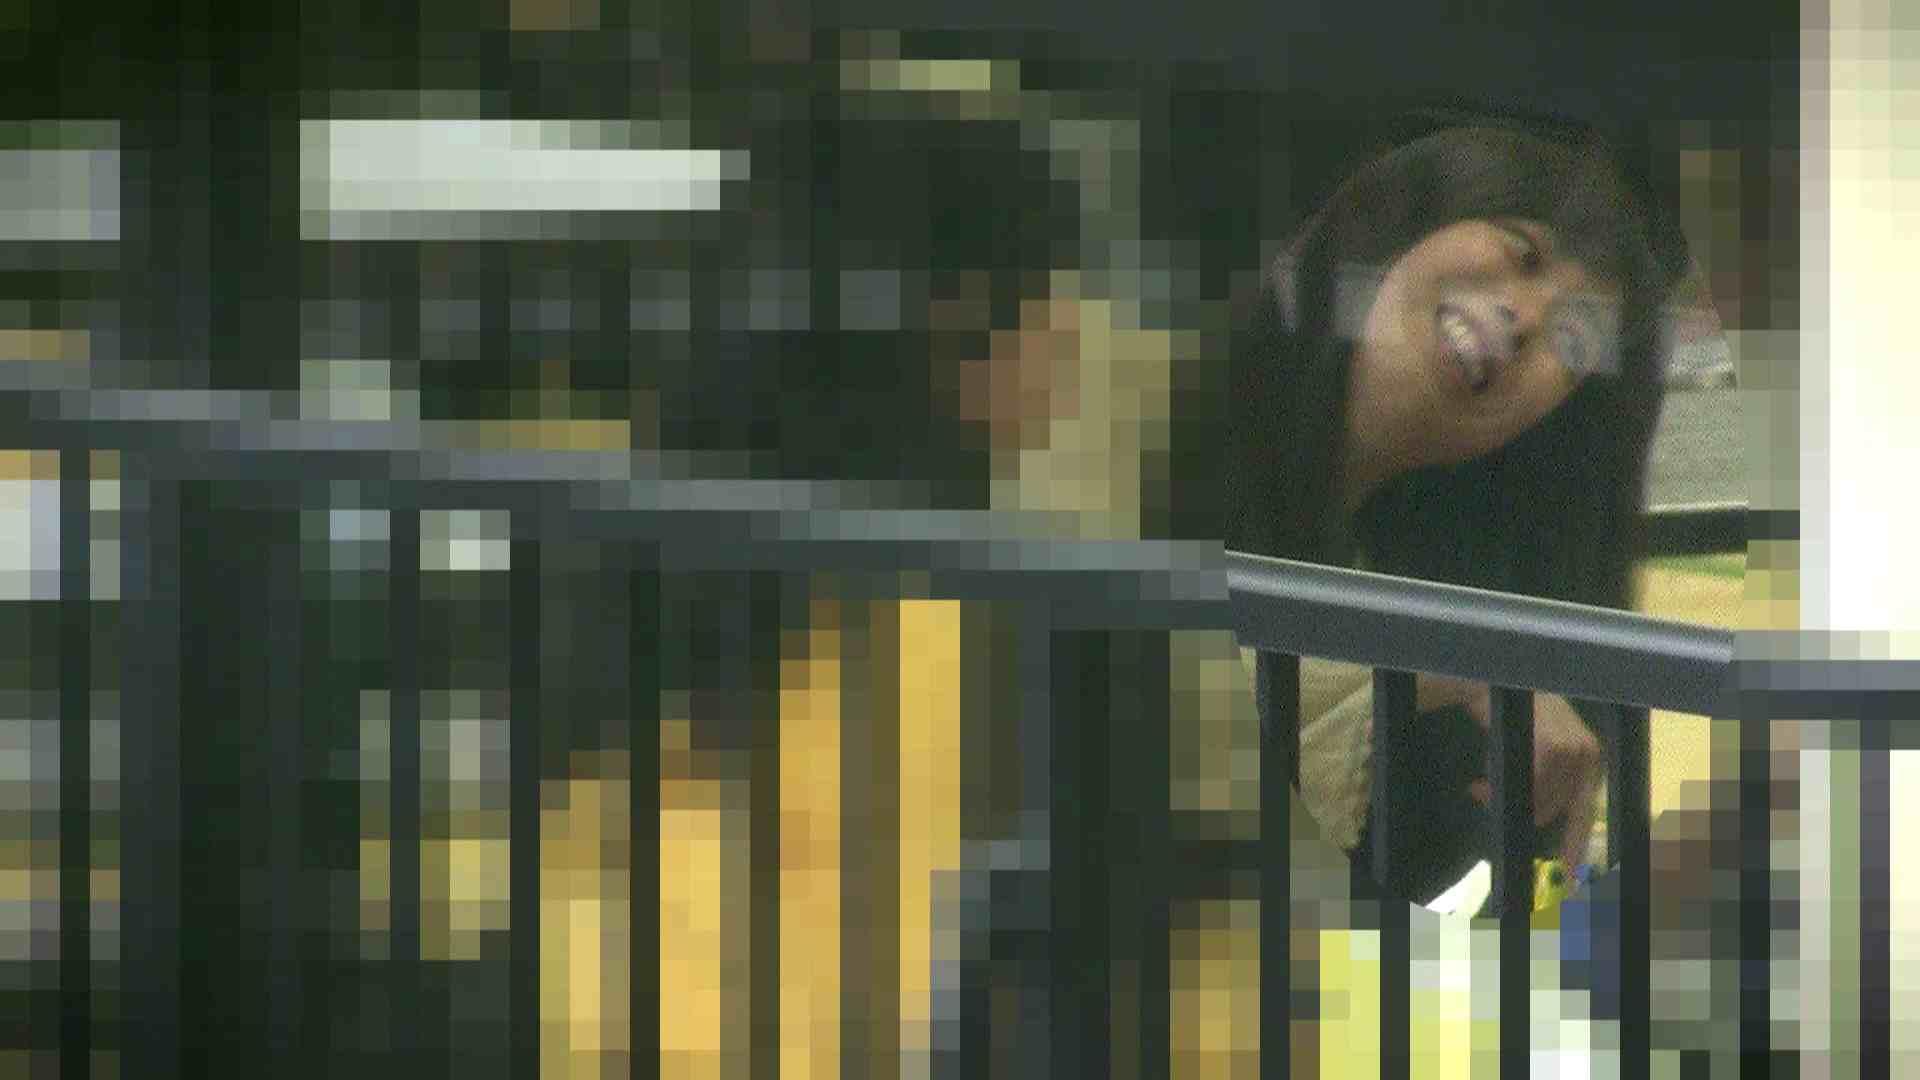 高画質露天女風呂観察 vol.006 OLのエロ生活 隠し撮りオマンコ動画紹介 60連発 58